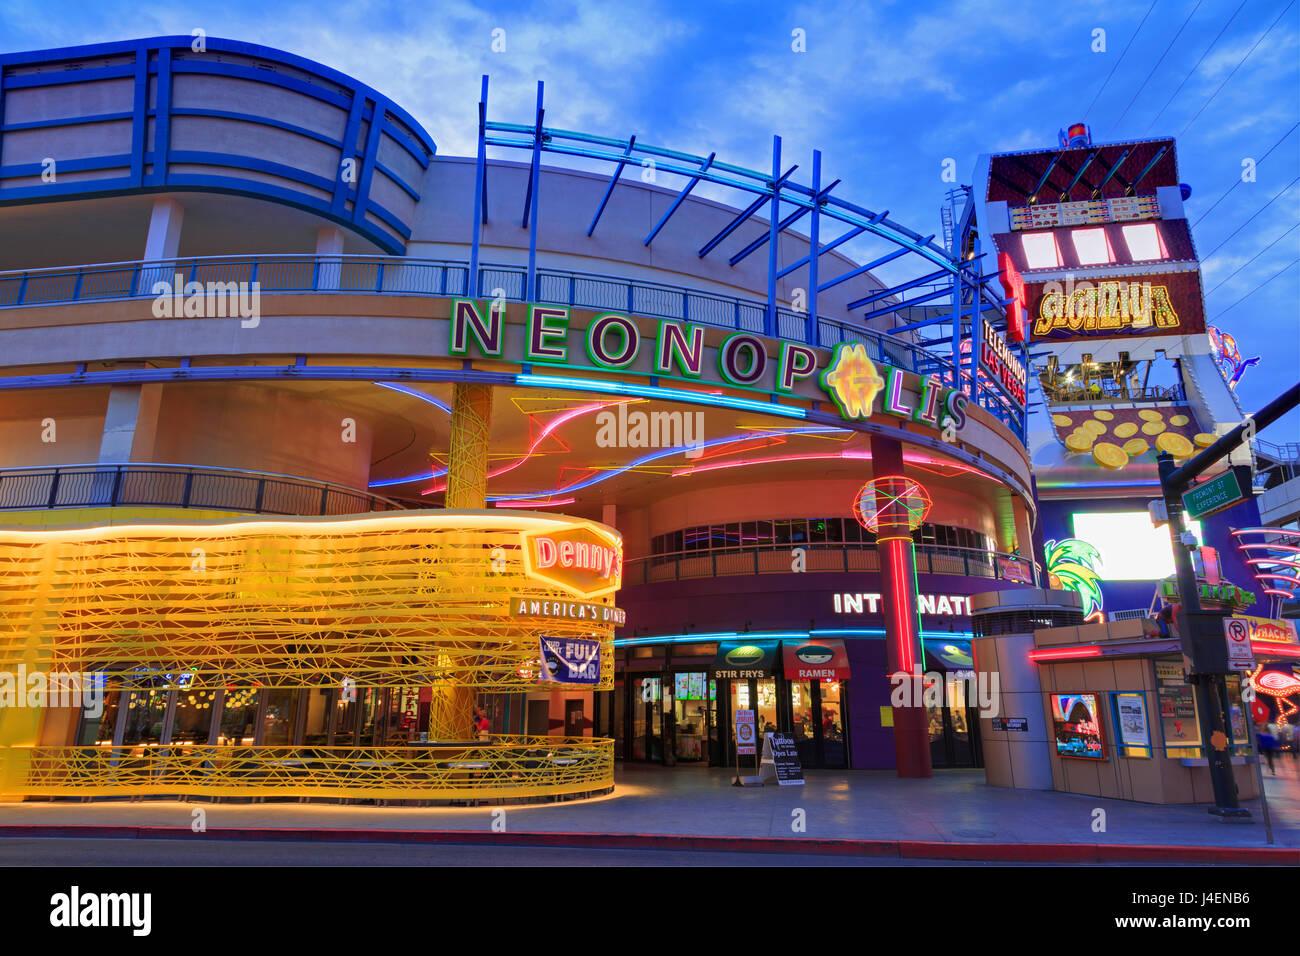 Neonopolis, Fremont Street, Las Vegas, Nevada, Stati Uniti d'America, America del Nord Immagini Stock